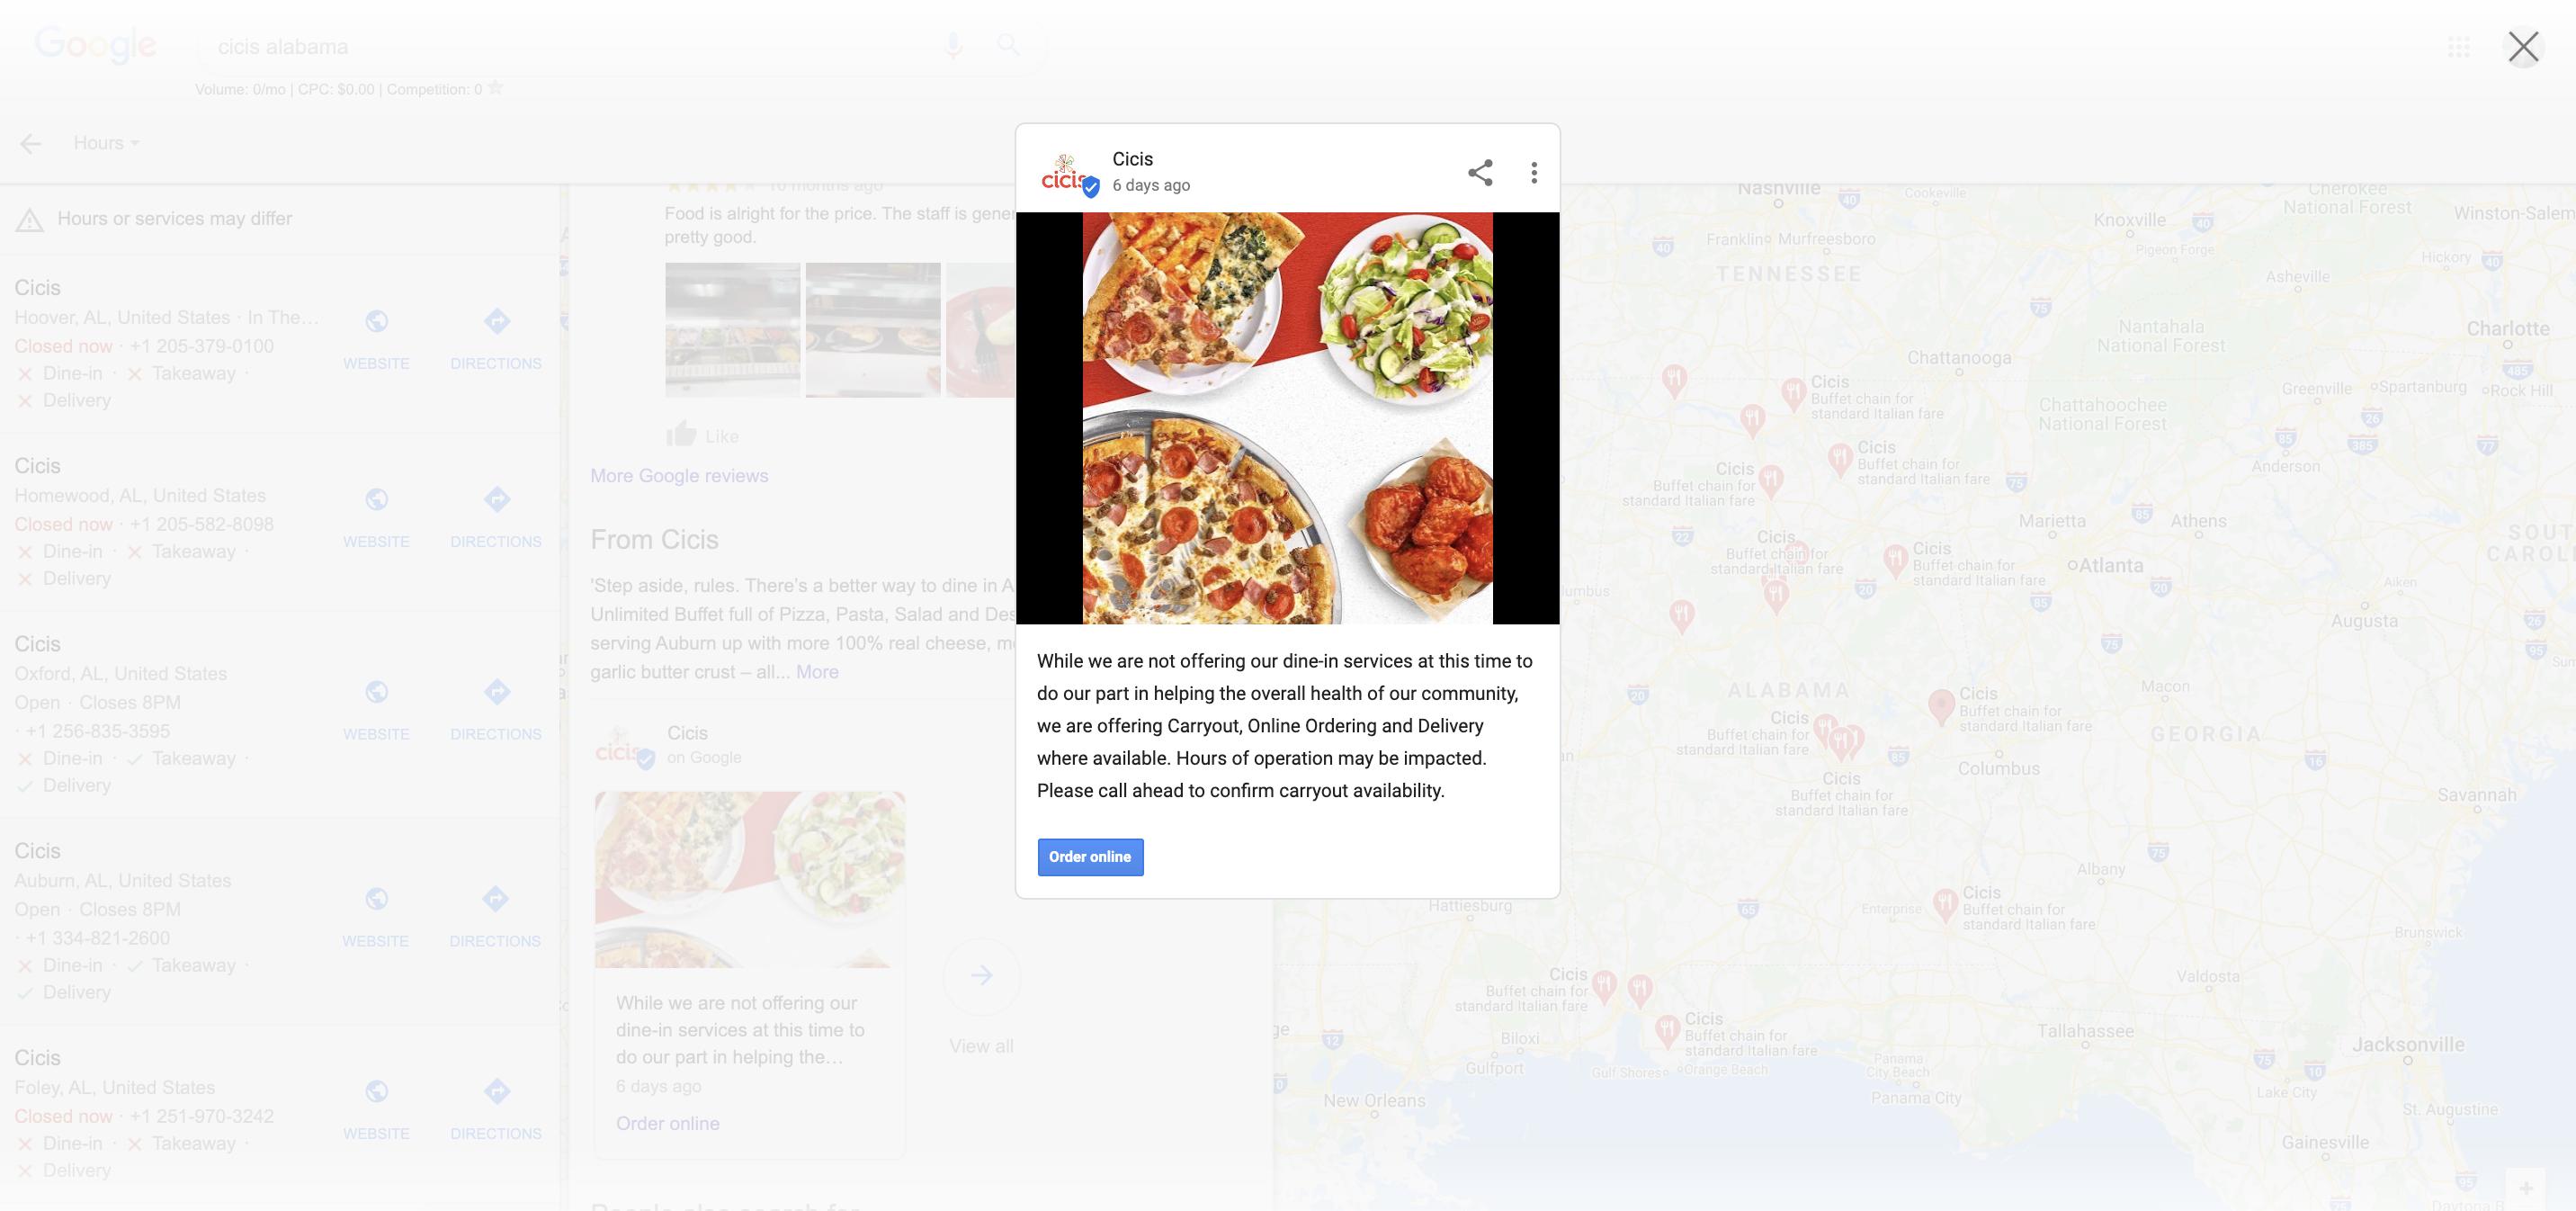 Capture d'écran du message en surbrillance isolé par rapport au reste de la page Google Maps